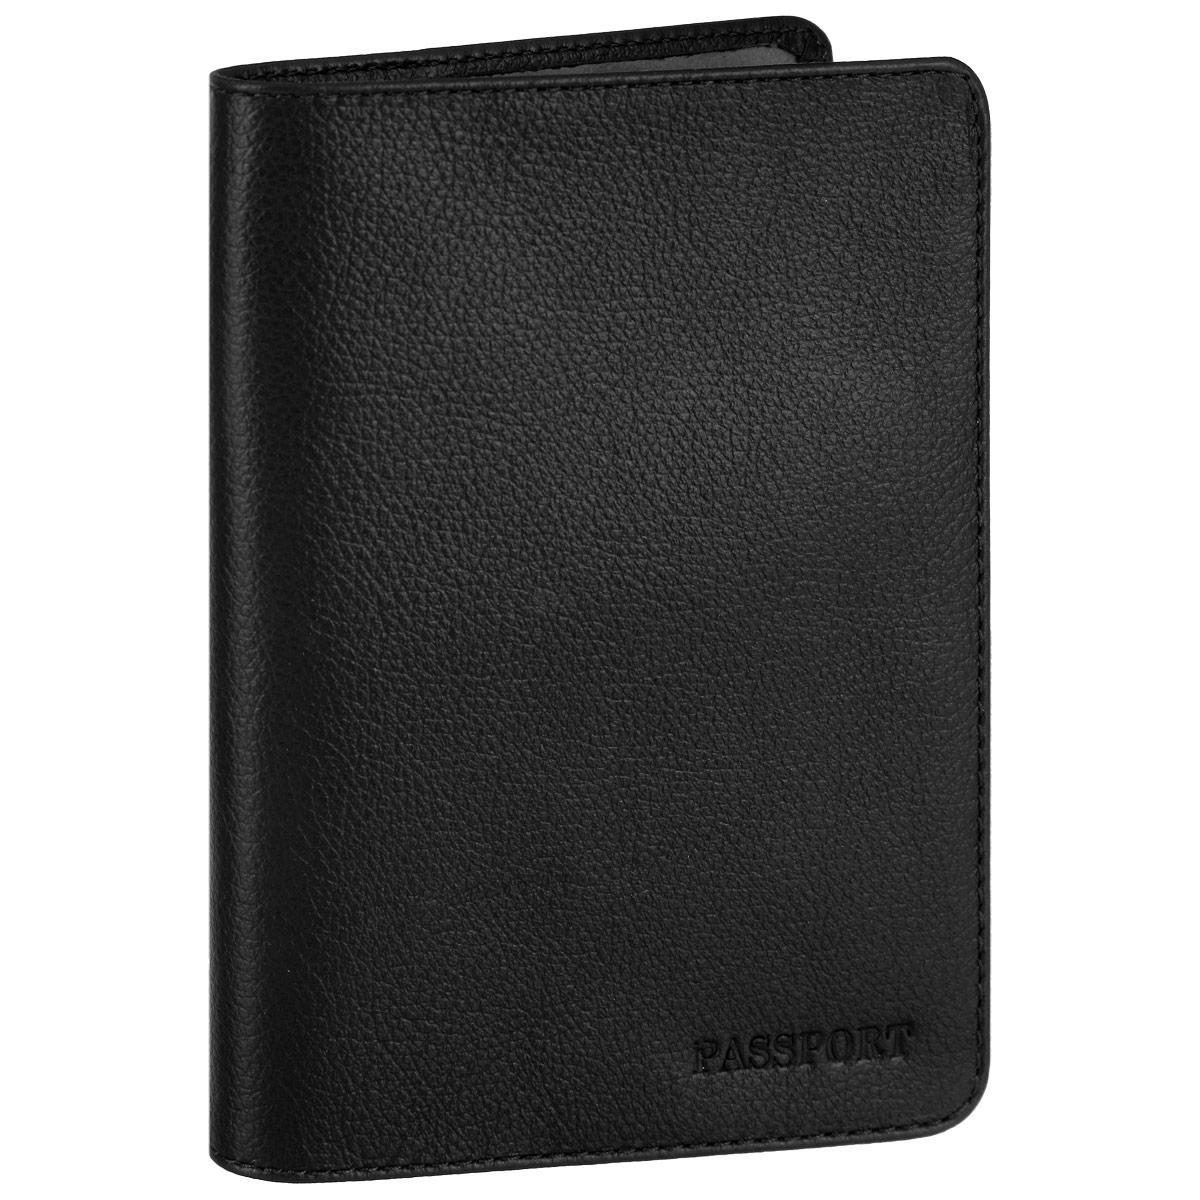 Обложка для паспорта Fabula, цвет: черный. O.53.FPO.53.FP. черныйСтильная обложка для паспорта Fabula выполнена из натуральной кожи с зернистой текстурой, оформлена надписью Passport. Обложка для паспорта раскладывается пополам, внутри расположены два пластиковых кармашка. Такая обложка для паспорта станет прекрасным и стильным подарком человеку, любящему оригинальные и практичные вещи.